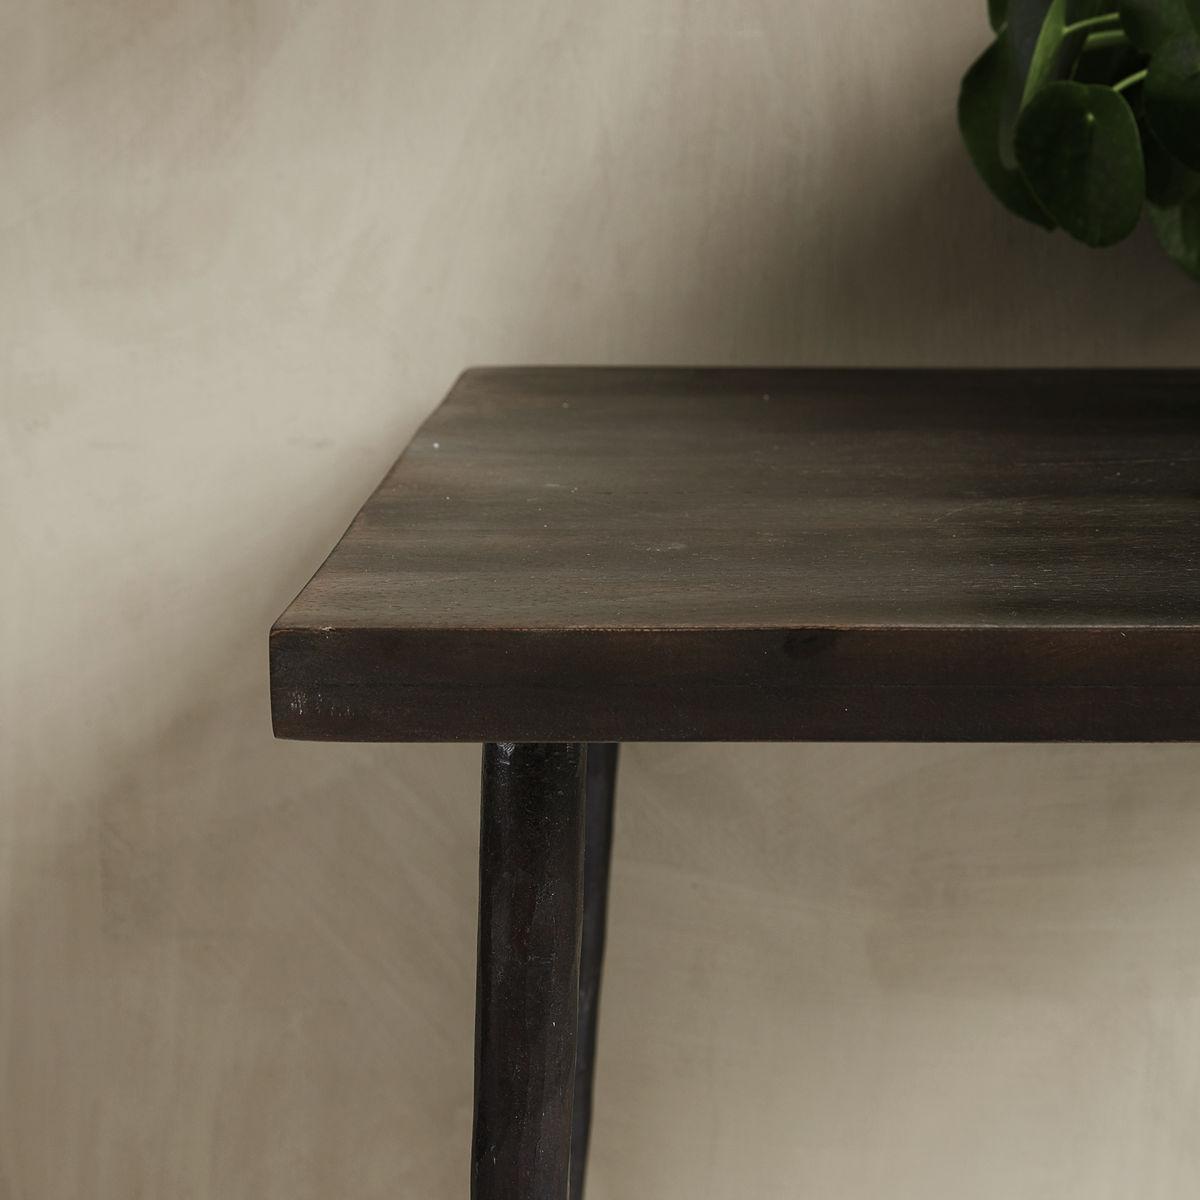 house doctor slated 2 person spisebord spiseborde bobo. Black Bedroom Furniture Sets. Home Design Ideas